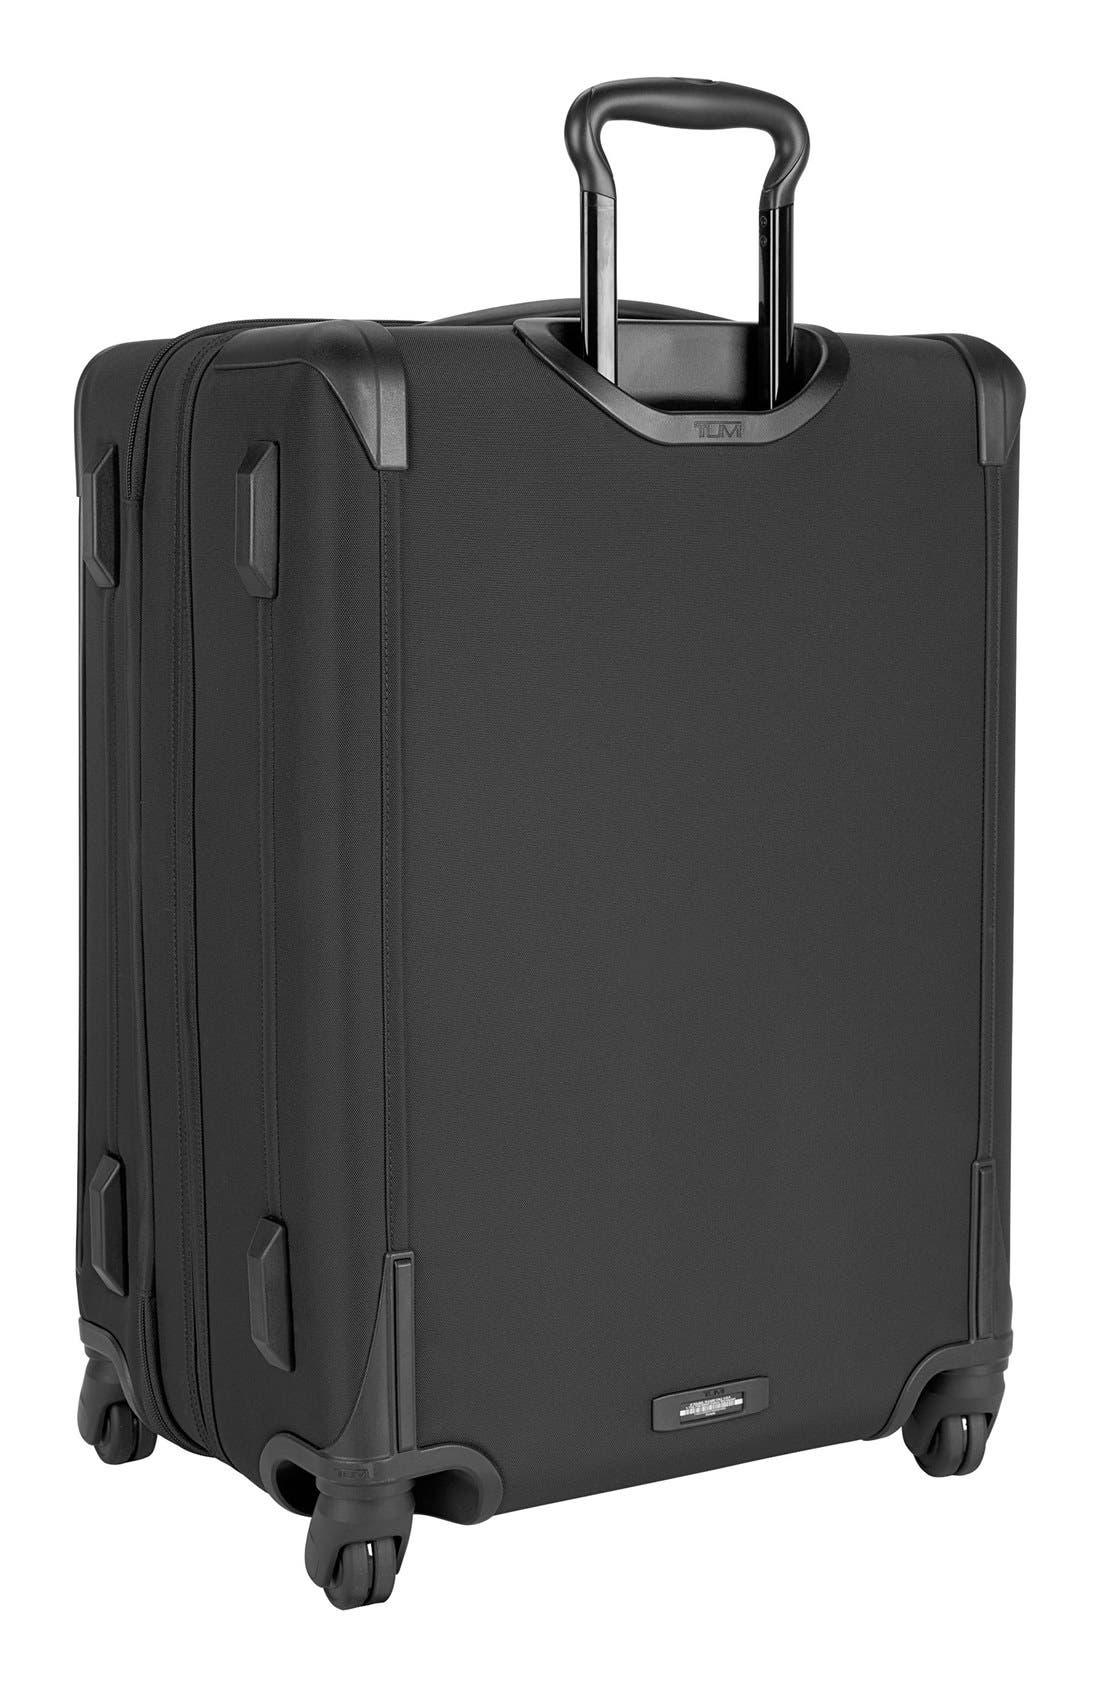 Larkin - Jess Short Trip 26-Inch Expandable 4-Wheel Suitcase,                             Alternate thumbnail 8, color,                             BLACK